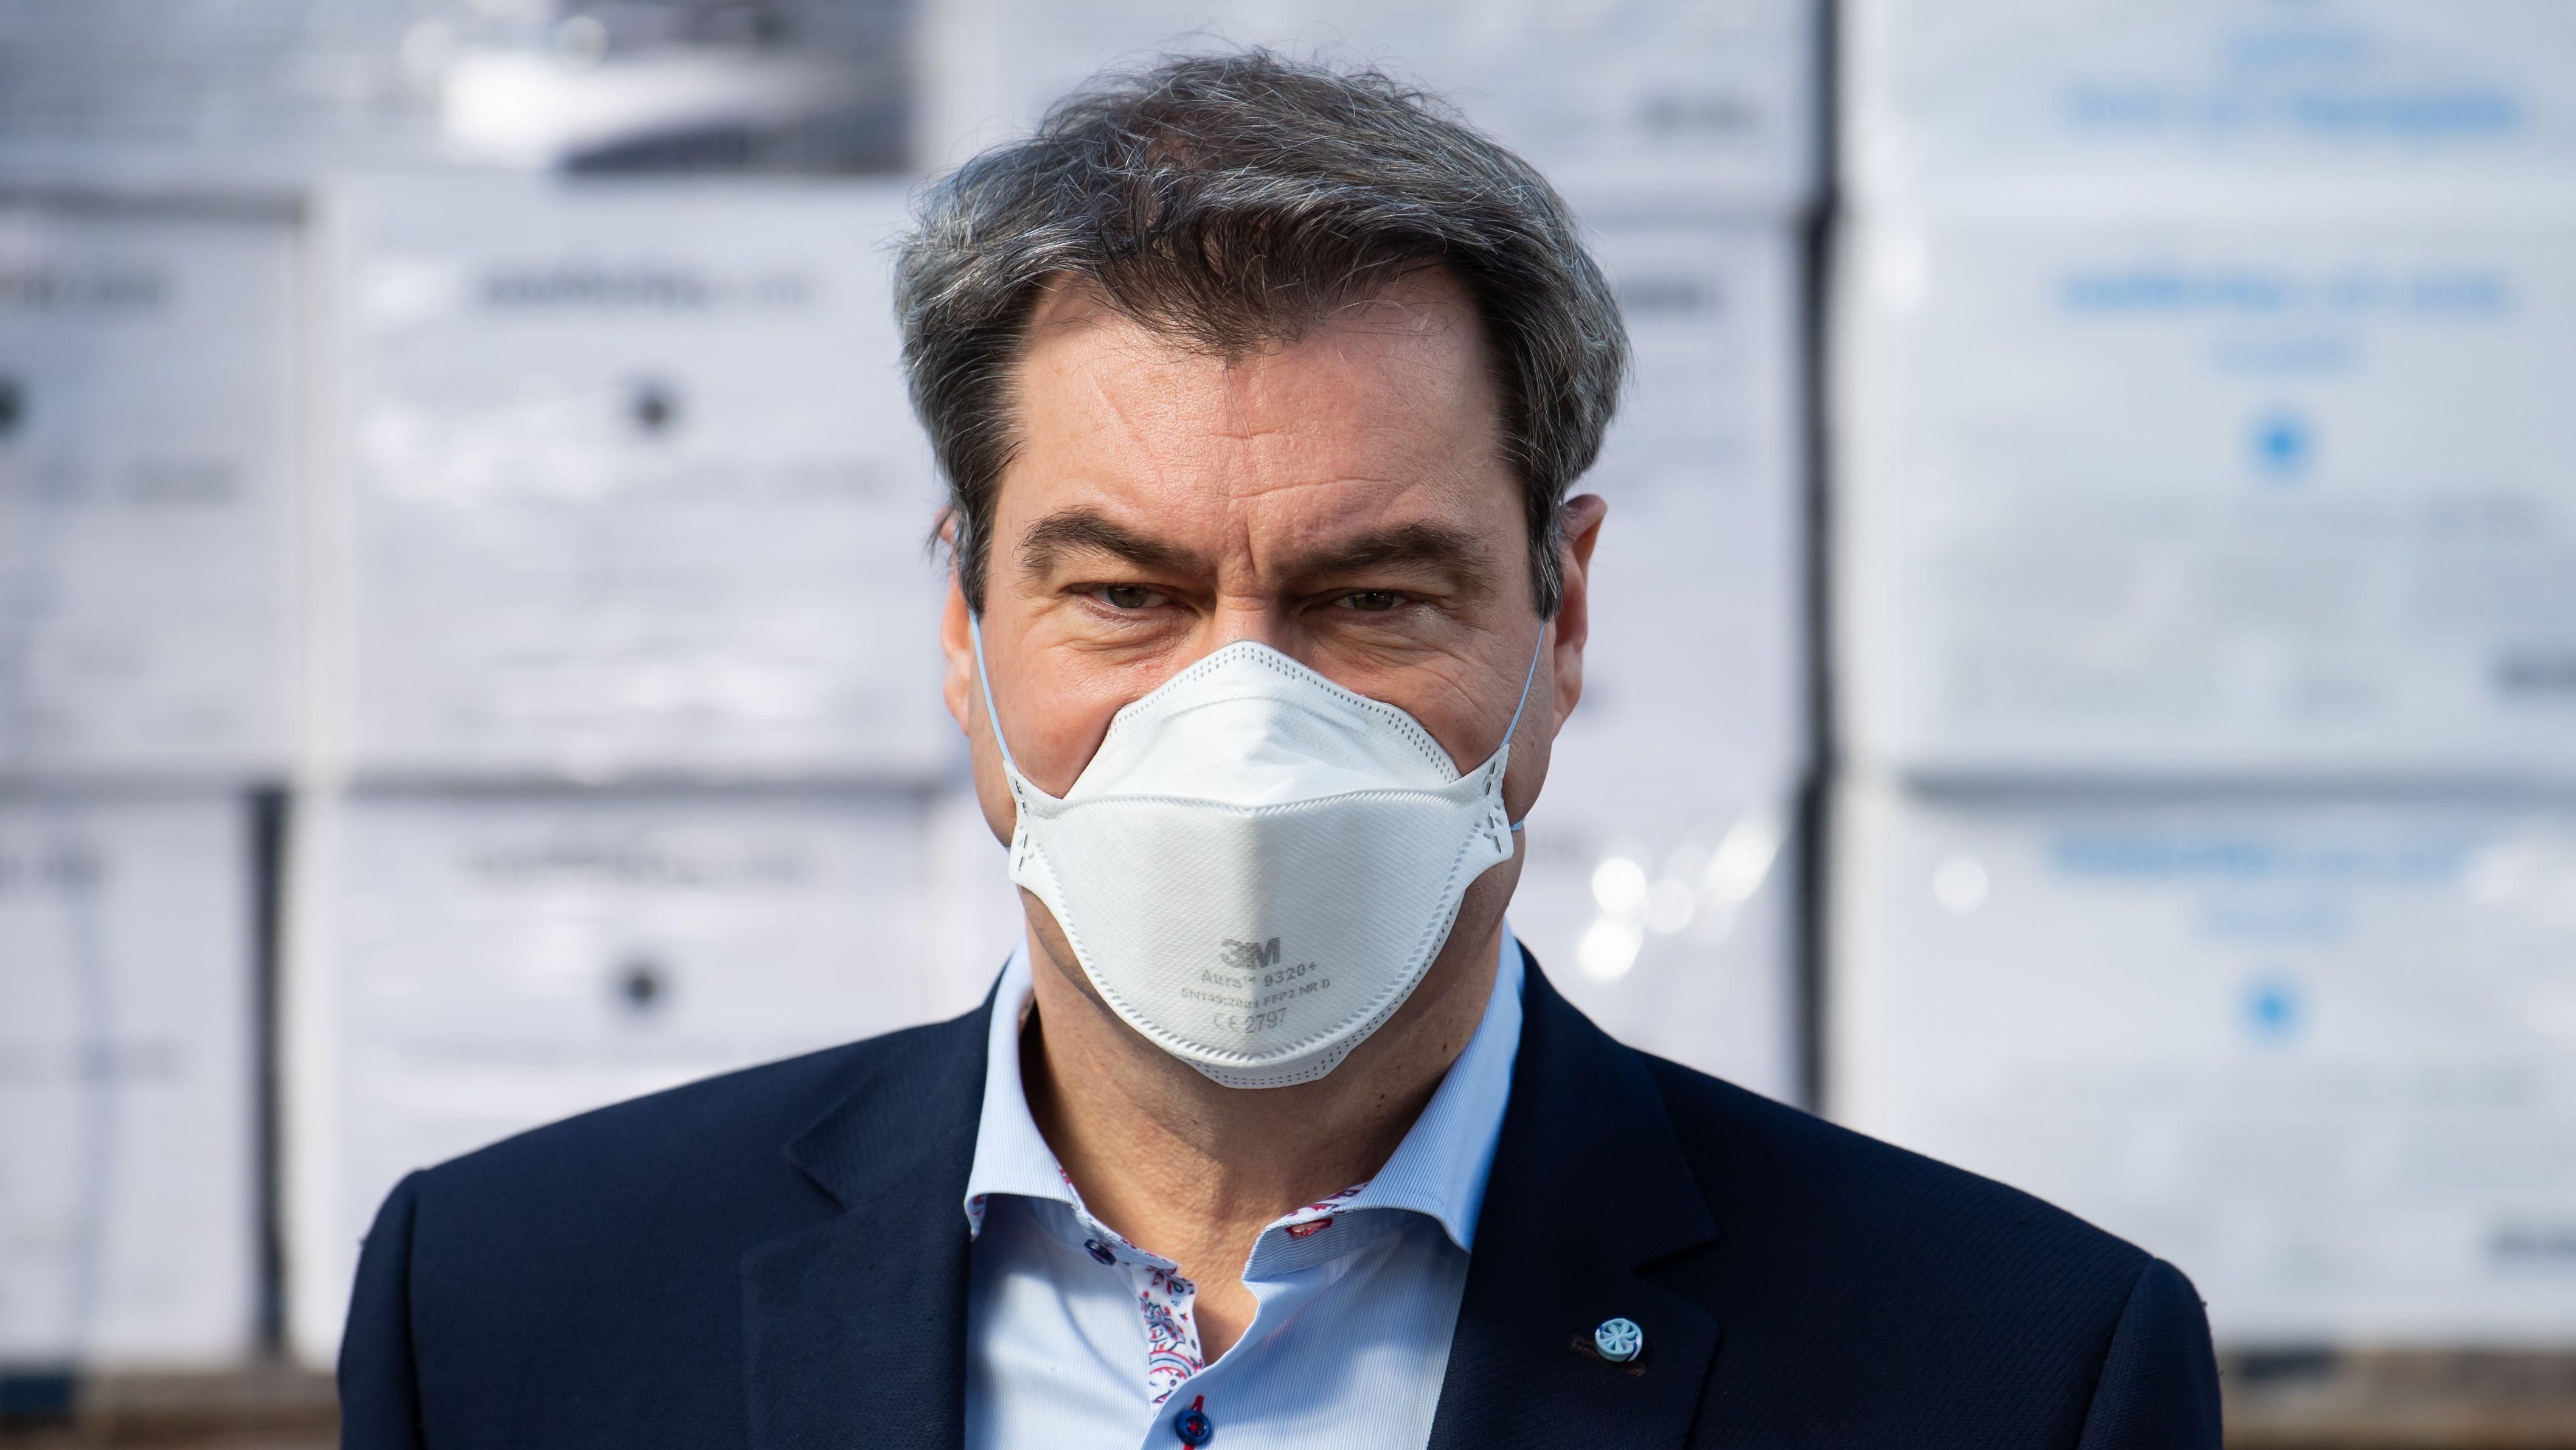 Laut einer Umfrage von Infratest dimap steht die bayerische Bevölkerung mehrheitlich hinter der Corona-Krisenpolitik von Ministerpräsident Söder.